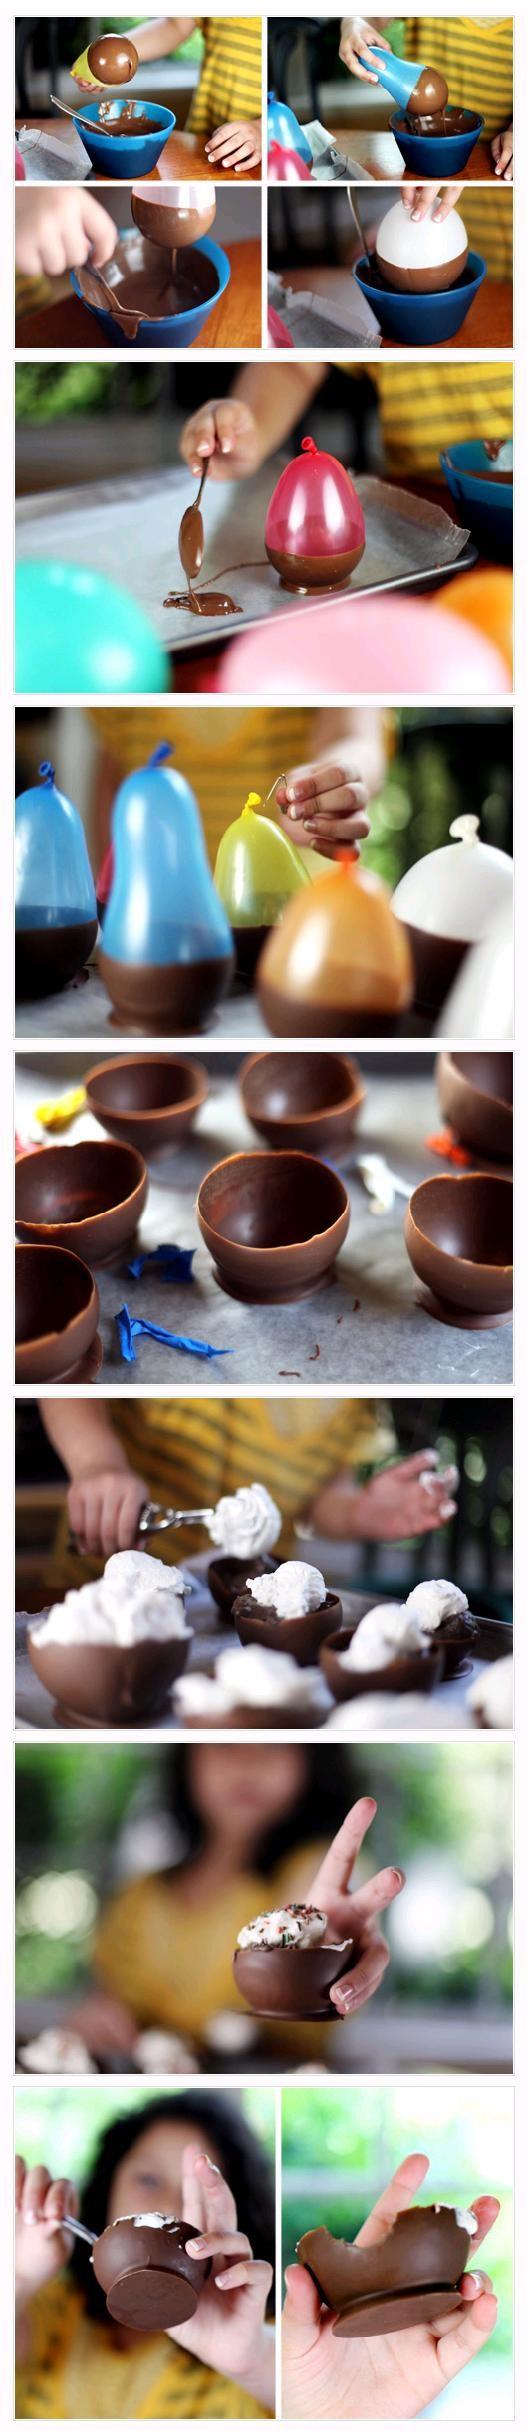 Egyszerű, de nagyszerű! Ez a csokitál, lufiból.